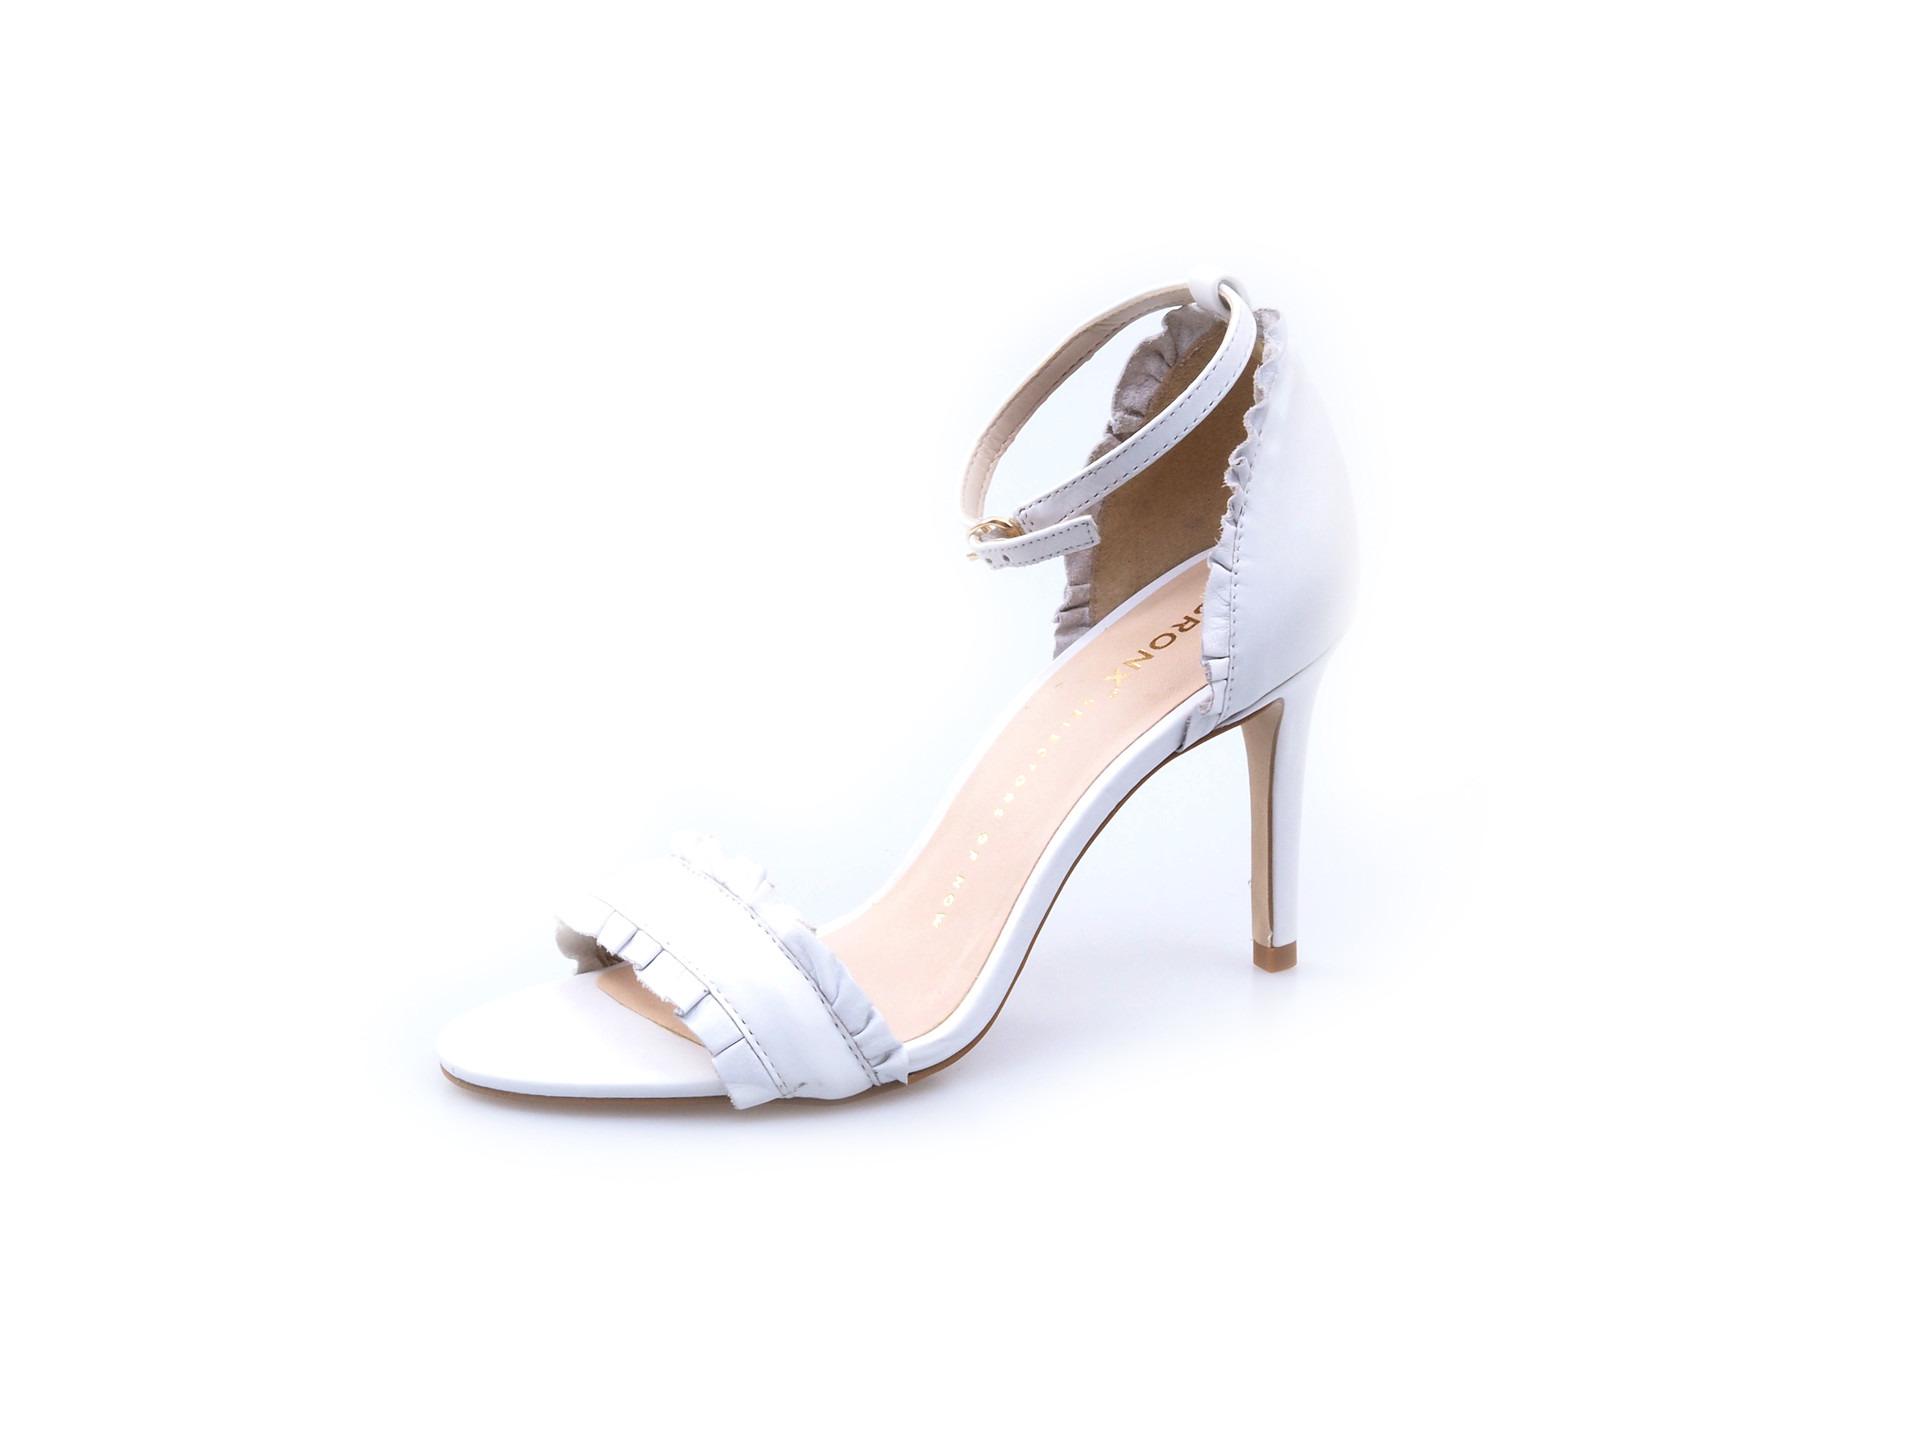 Soňa - Dámska obuv - Spoločenská obuv - Bronx dámska spoločenská ... 1906aa106c2